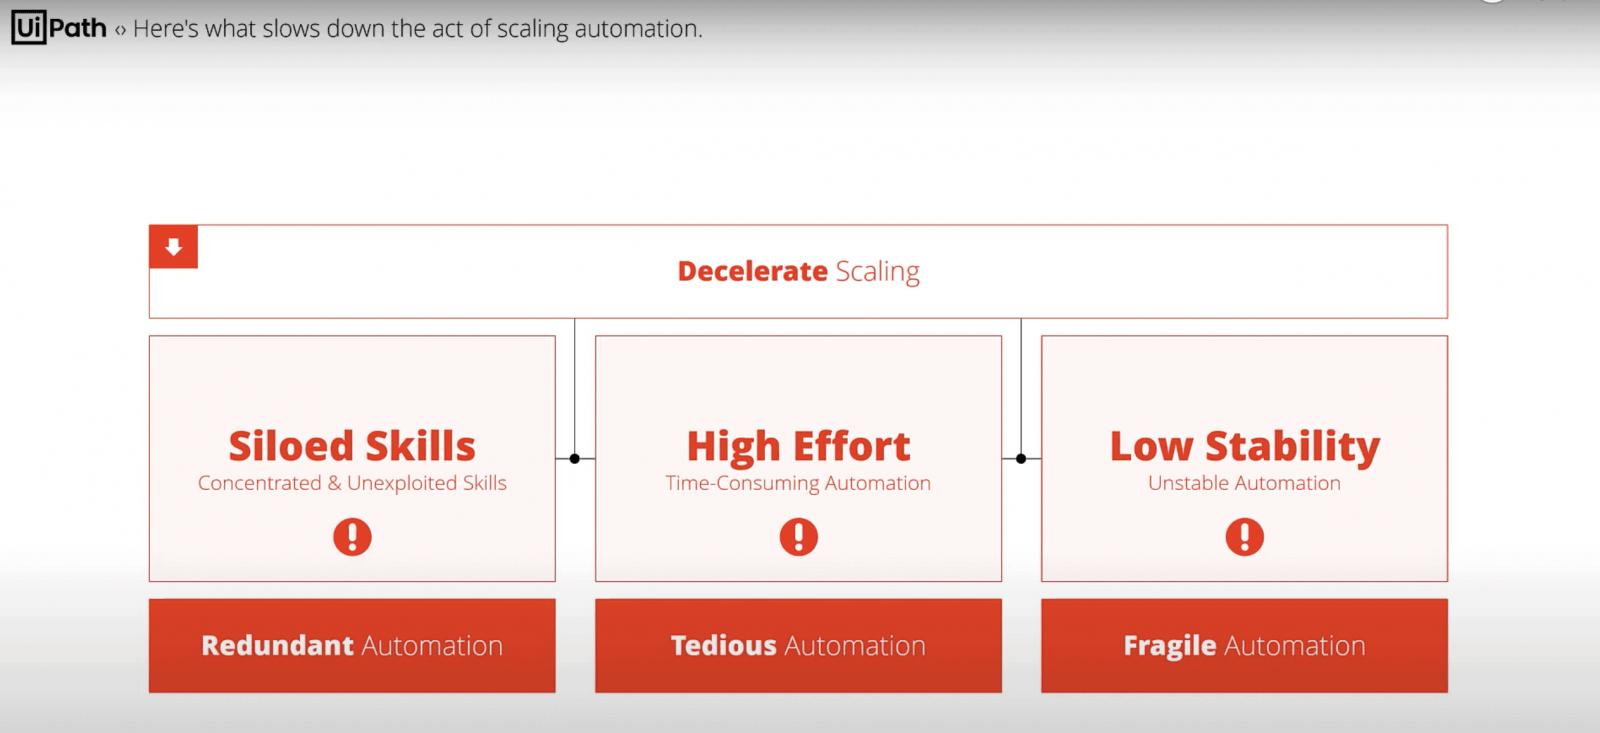 減緩自動化流程規模化的三個因素